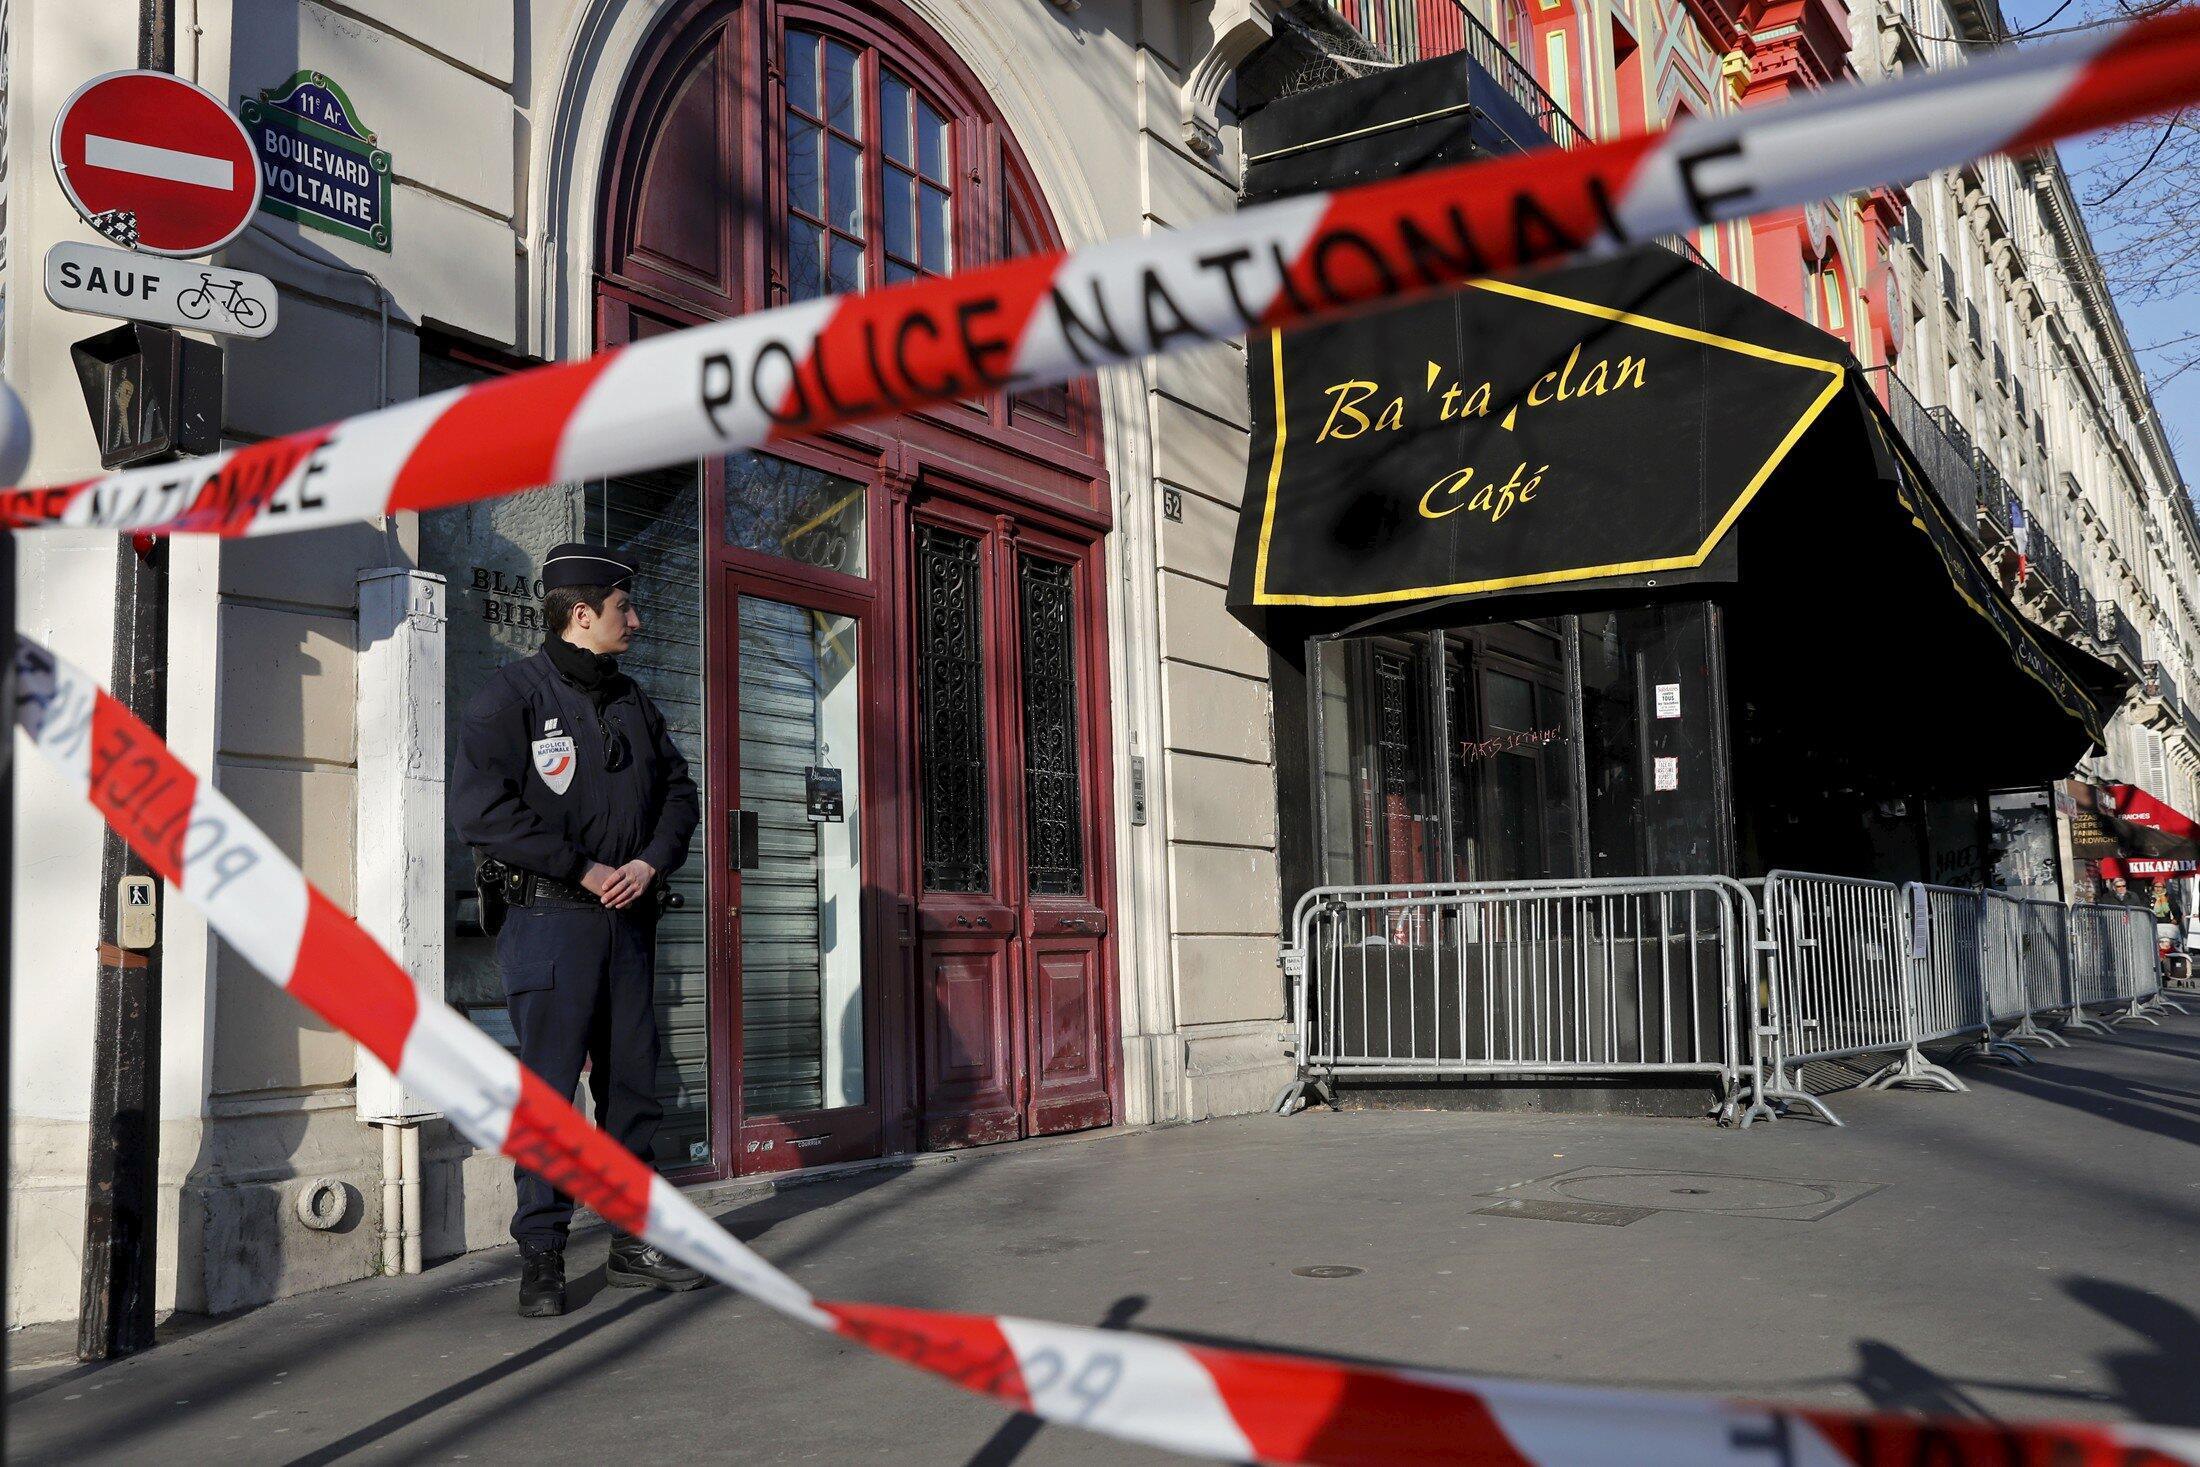 Le frère d'un des kamikazes de la salle de concert du Bataclan fait partie des prévenus dans le procès de la filière jihadiste de Strasbourg.